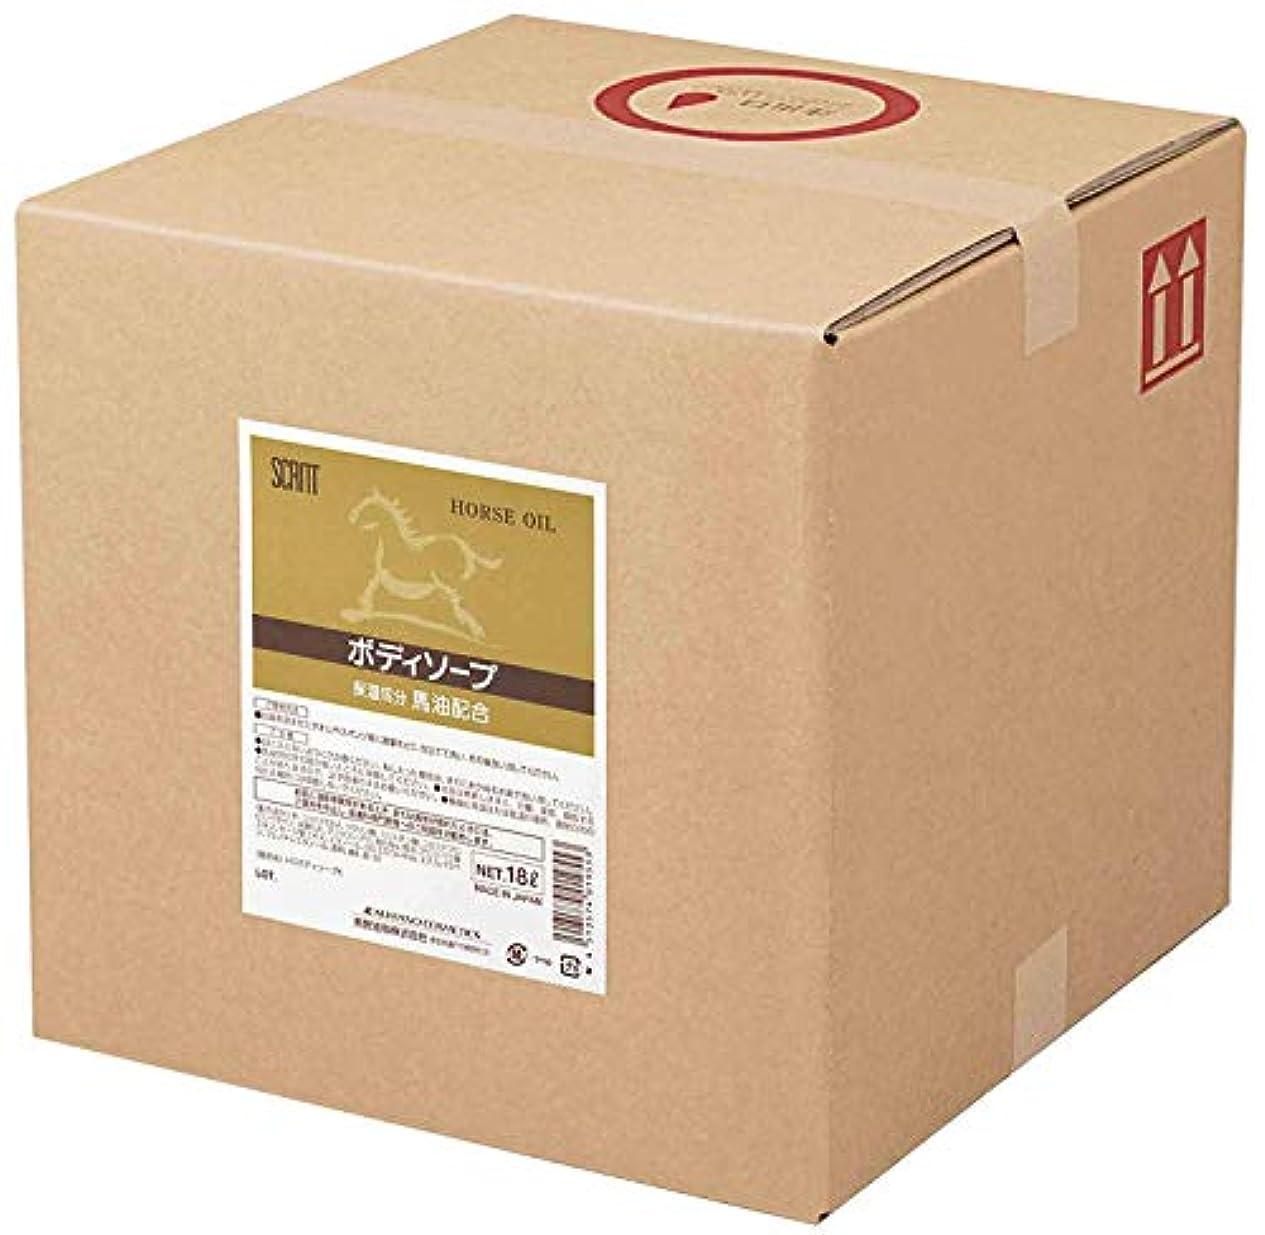 ピカソ筋肉の学習者業務用 SCRITT(スクリット) 馬油ボディソープ 18L 熊野油脂 (コック付き)